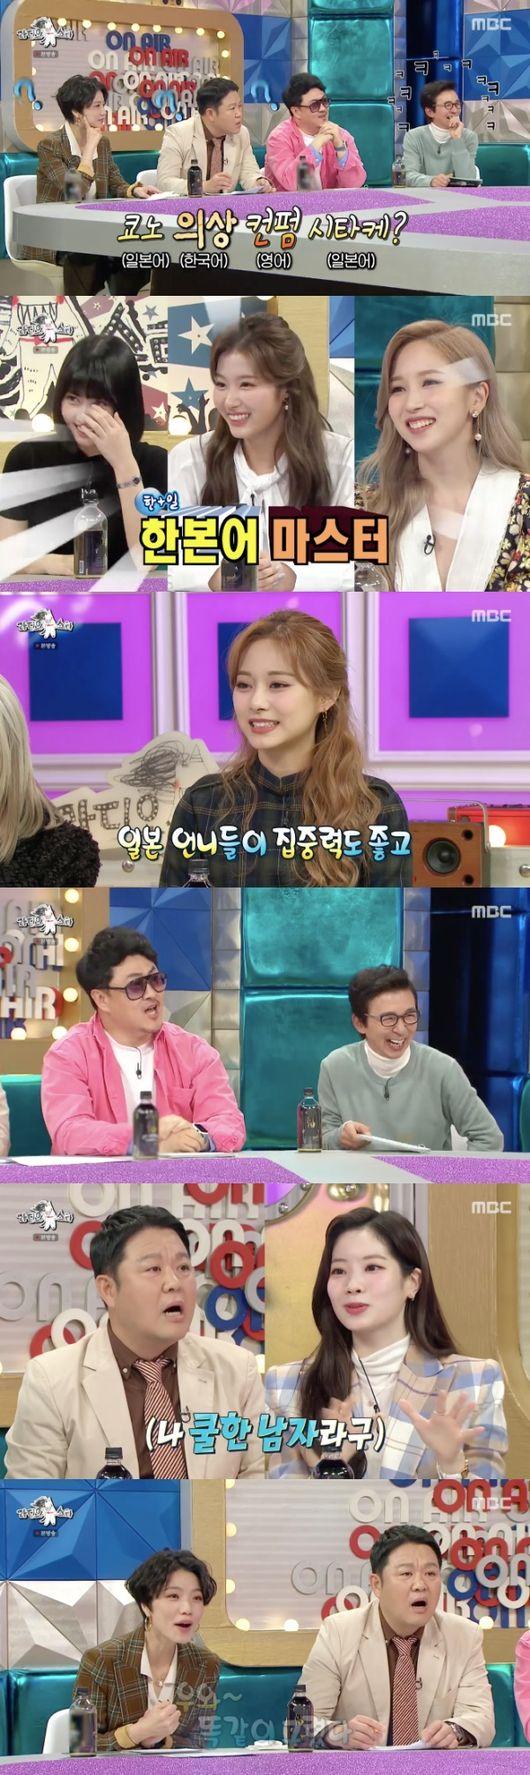 [사진=MBC 방송화면] 김구라가 '라디오스타'에서 열애 에피소드를 고백했다.